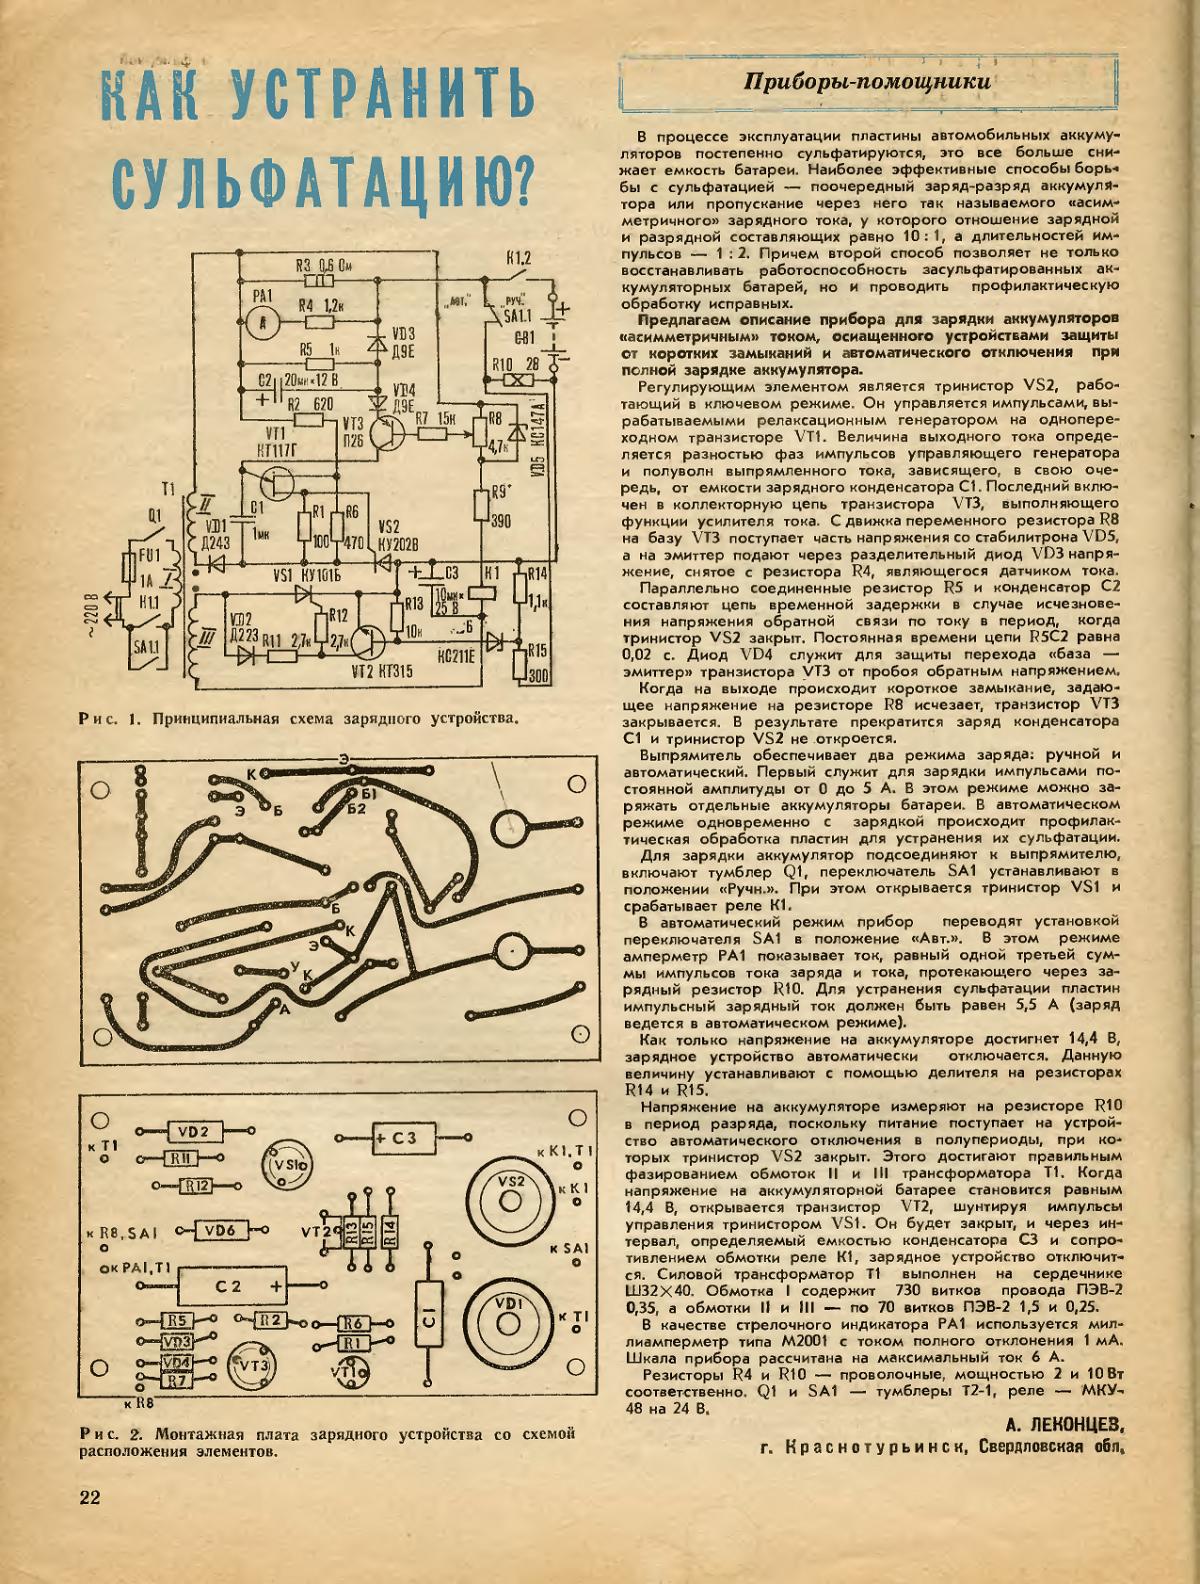 Схема зарядку для автомобильного аккумулятора5